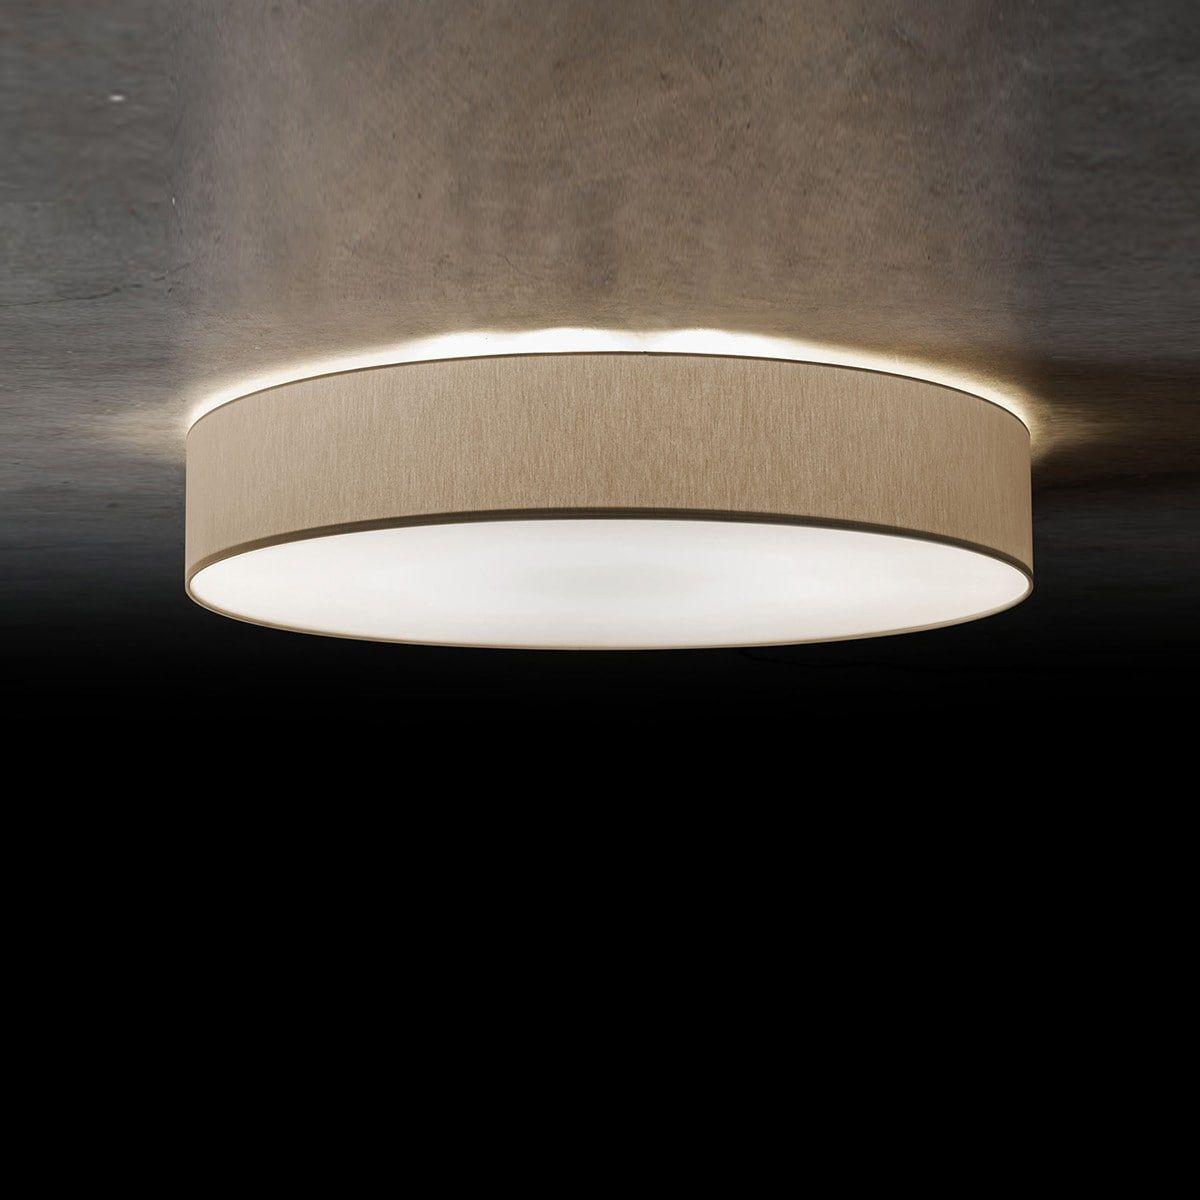 Full Size of Holtktter Leuchten Vita 6 Deckenleuchte Schlafzimmer Modern Modernes Bett Tapete Küche Moderne Wohnzimmer Deckenlampe Landhausküche Sofa Bilder Bad Esstisch Wohnzimmer Deckenlampe Modern